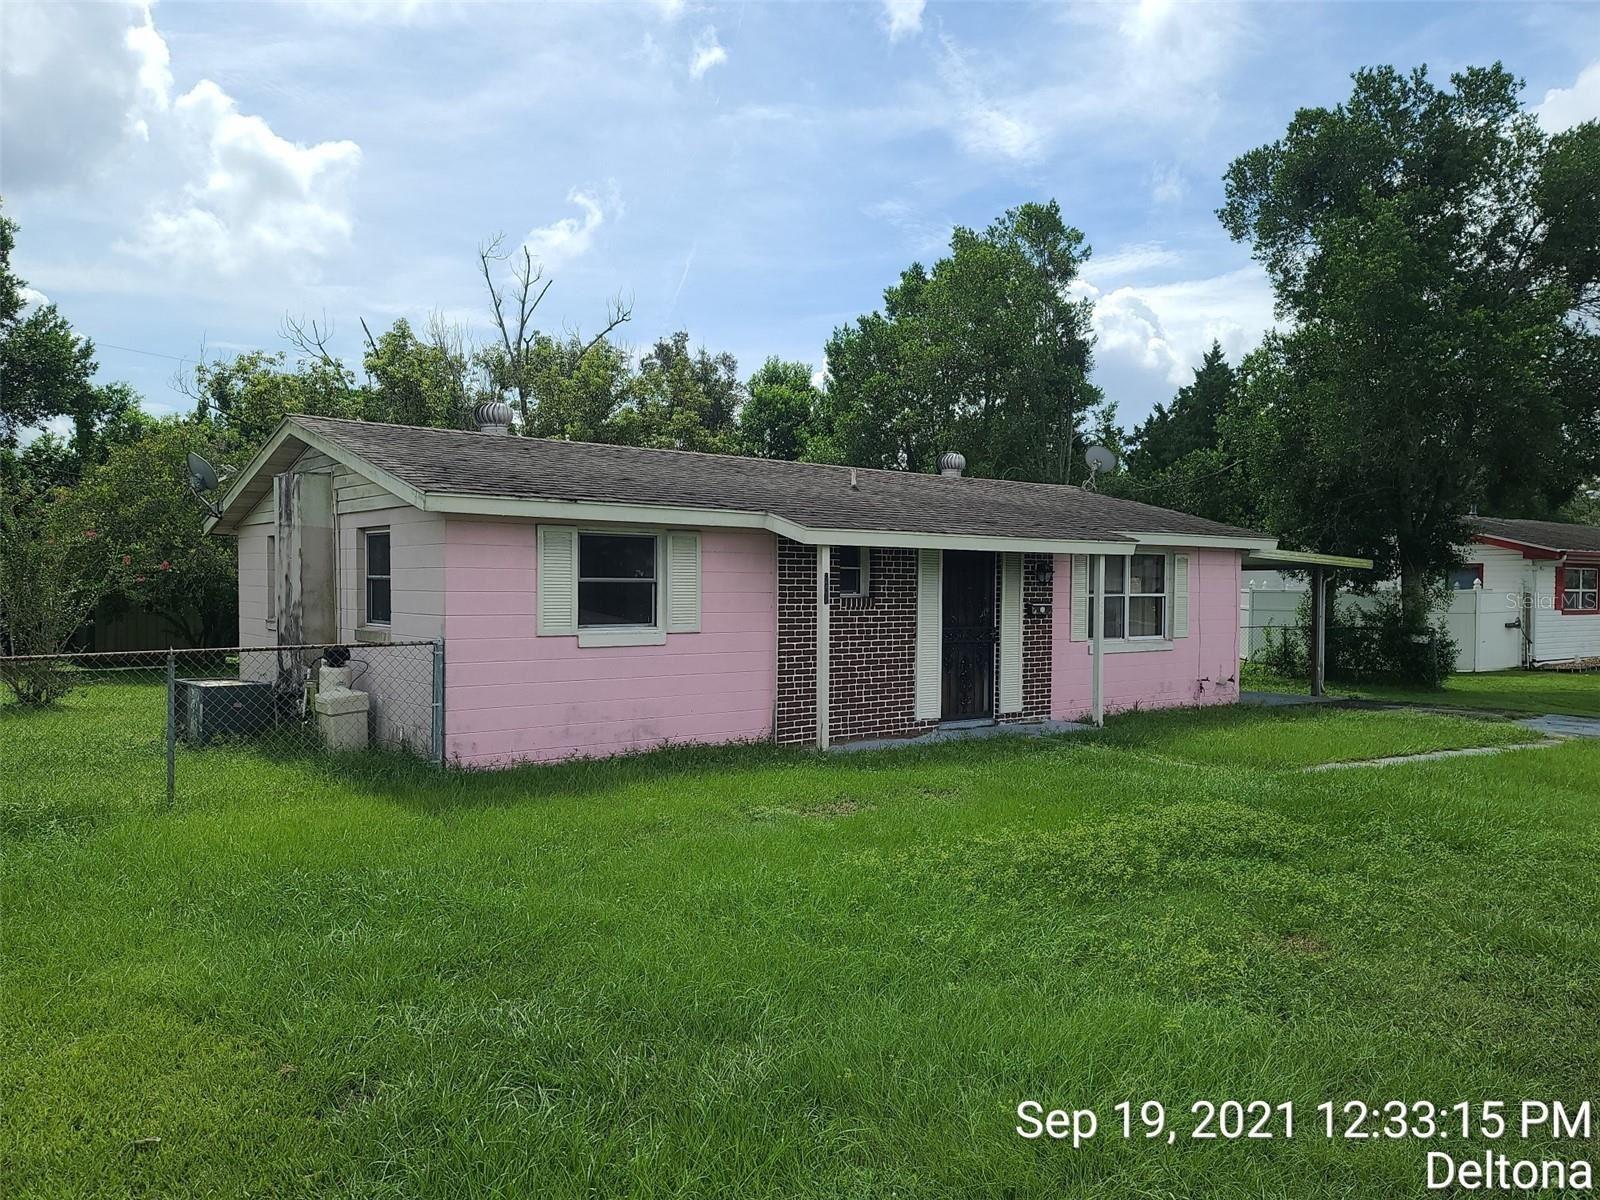 969 DELTONA BOULEVARD, Deltona, FL 32725 - #: O5962459